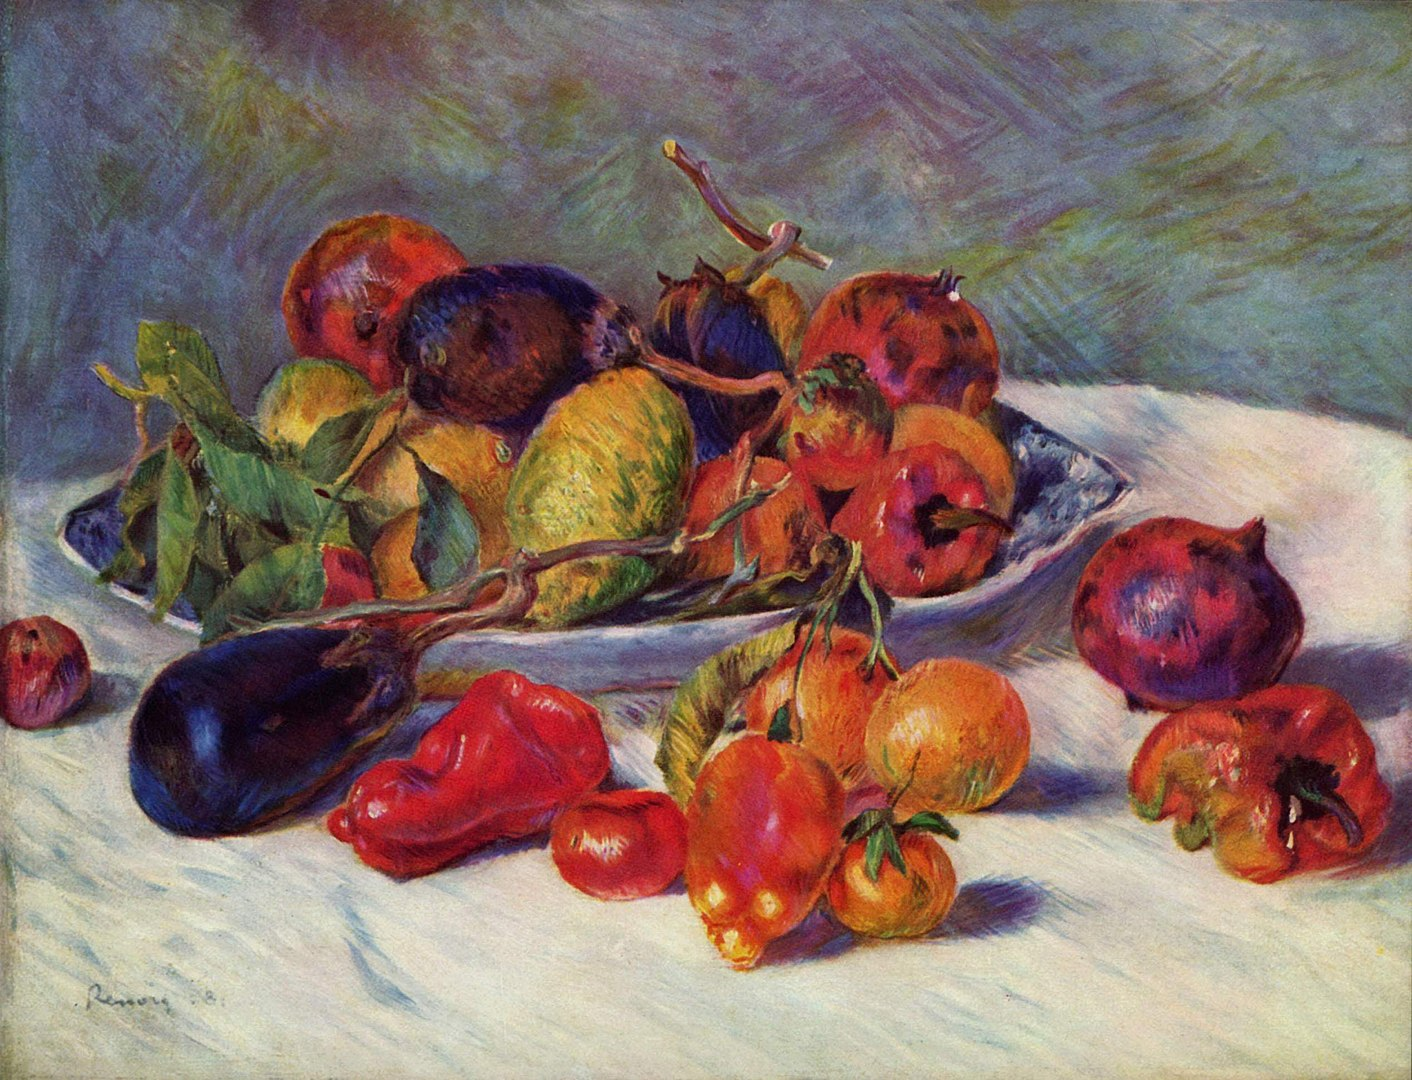 טבע דומם עם פירות, רנואר